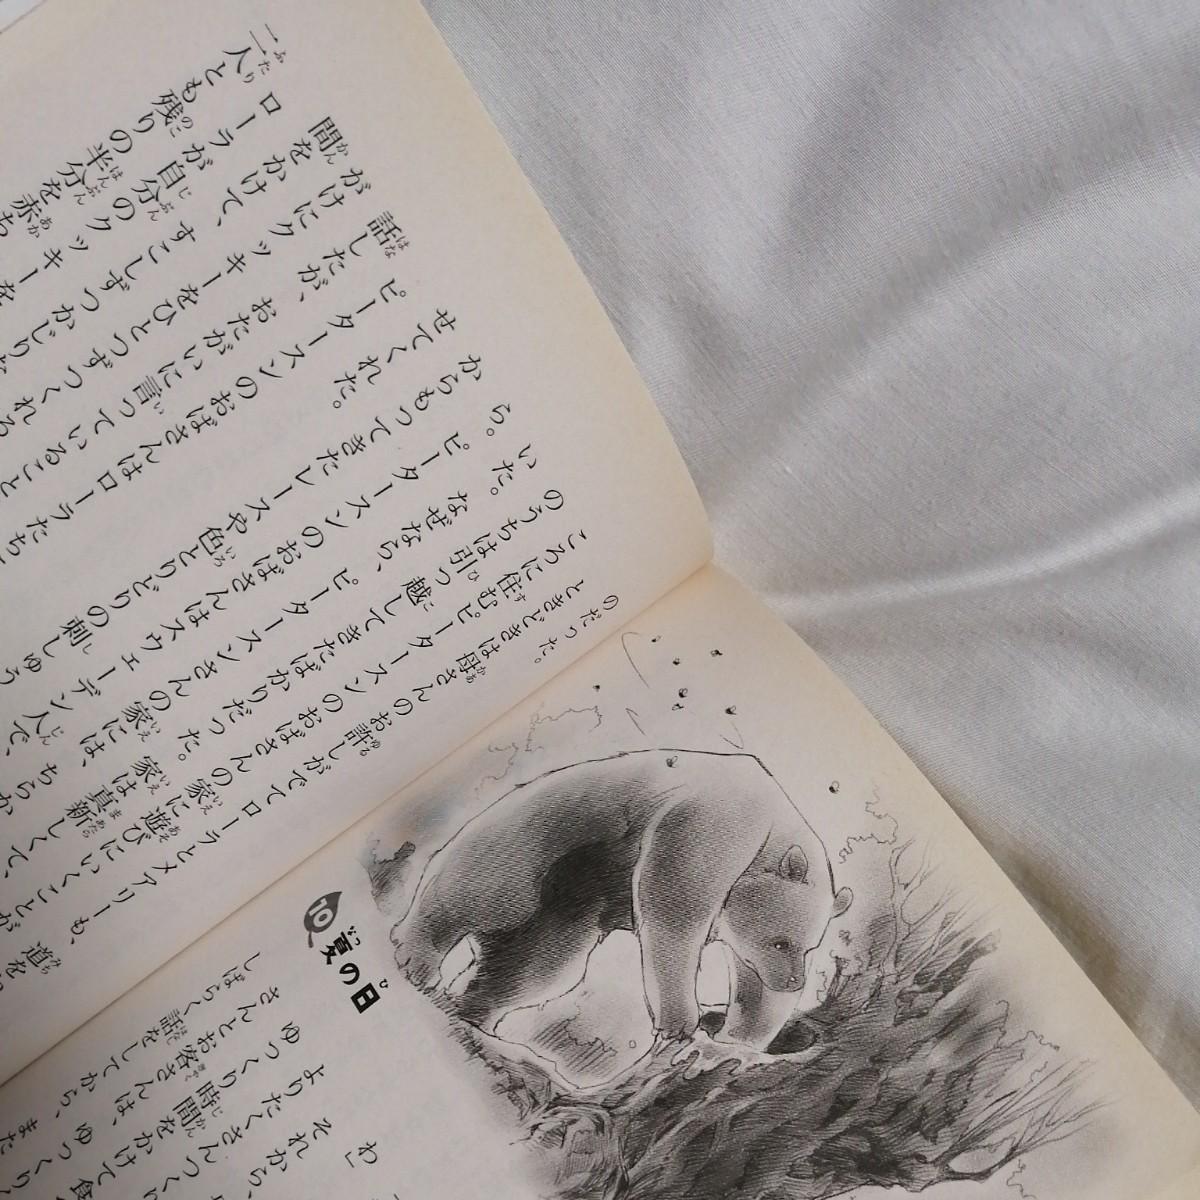 大きな森の小さな家   /角川書店/ (単行本) 中古本